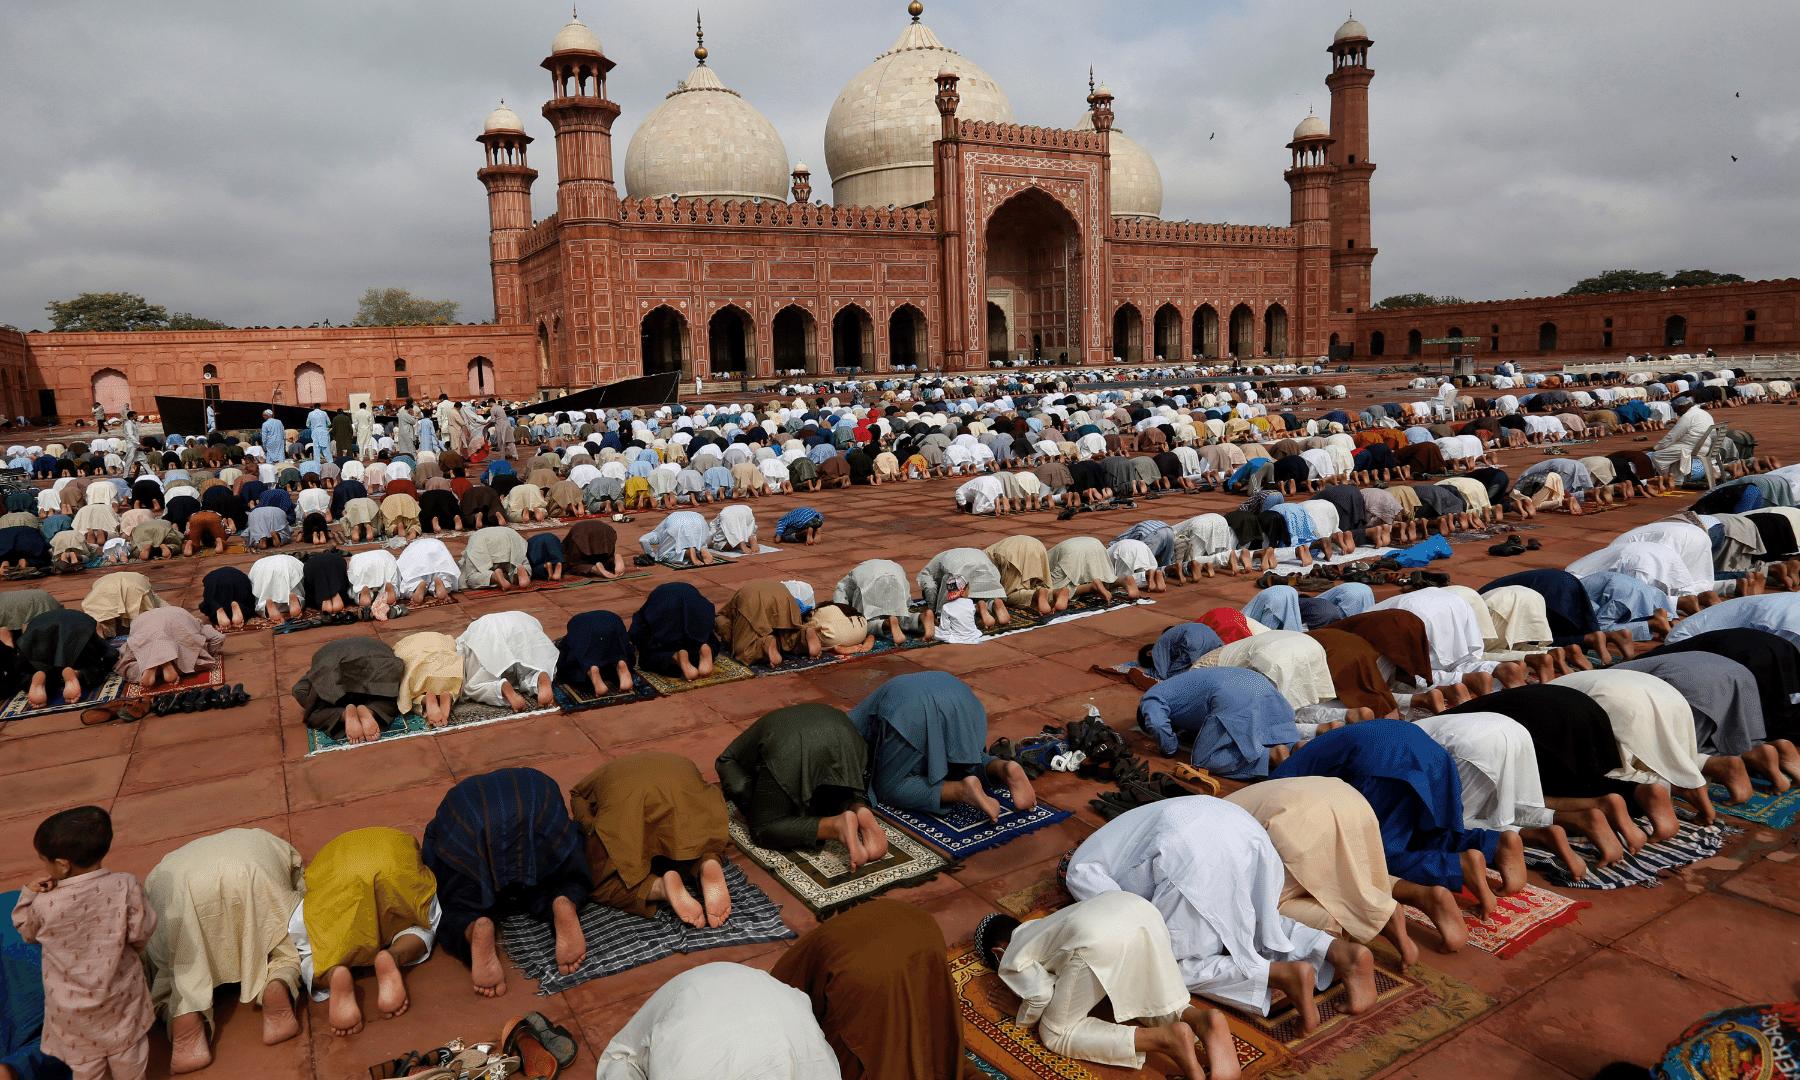 لاہور کی بادشاہی مسجد میں نماز عید ادا کی جا رہی ہے— فوٹو: اے پی